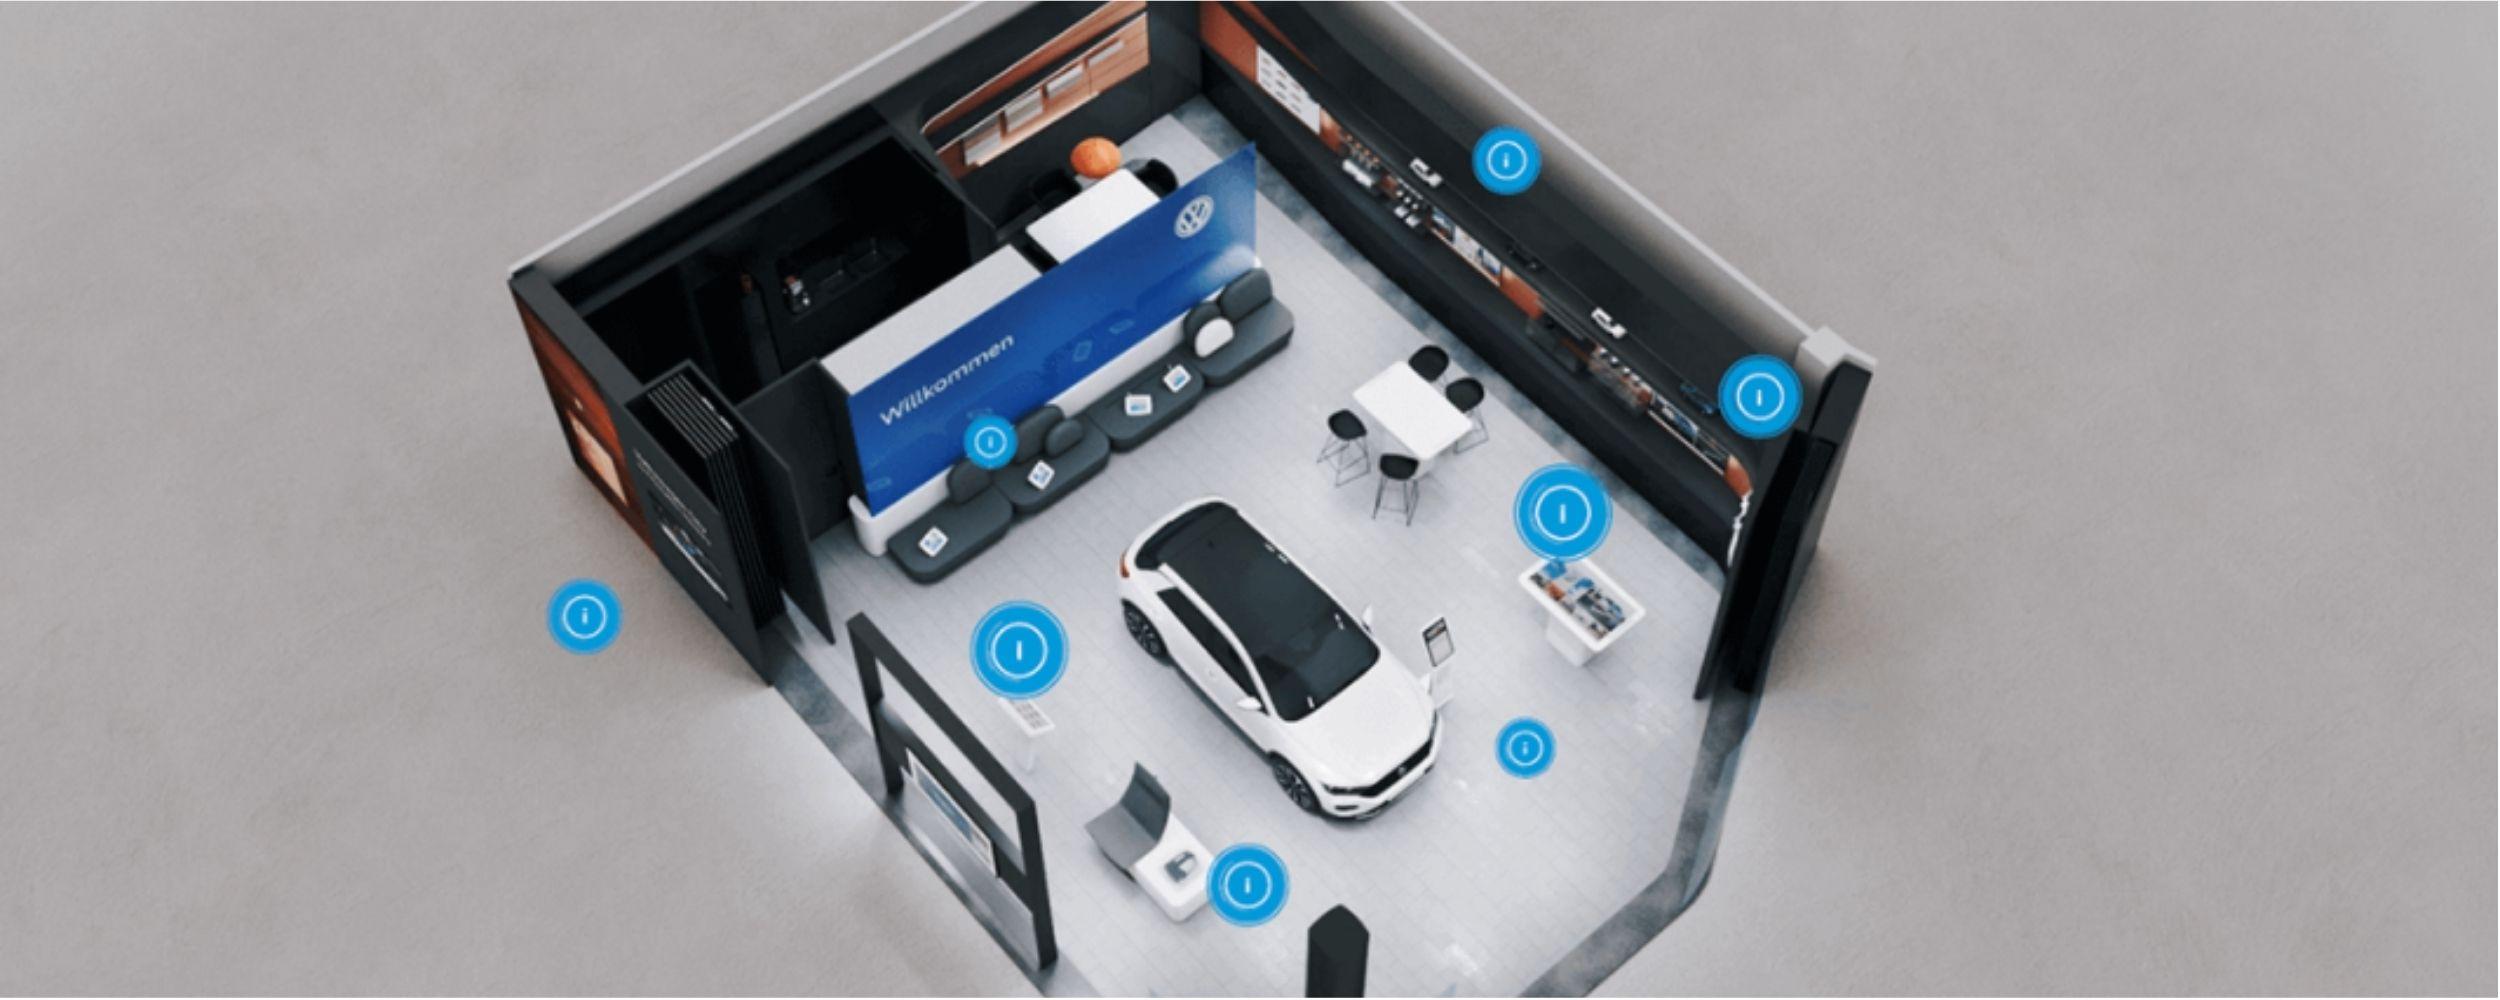 Connected Digital Showroom, Blick von oben auf den Verkaufsraum bzw. dessen Design